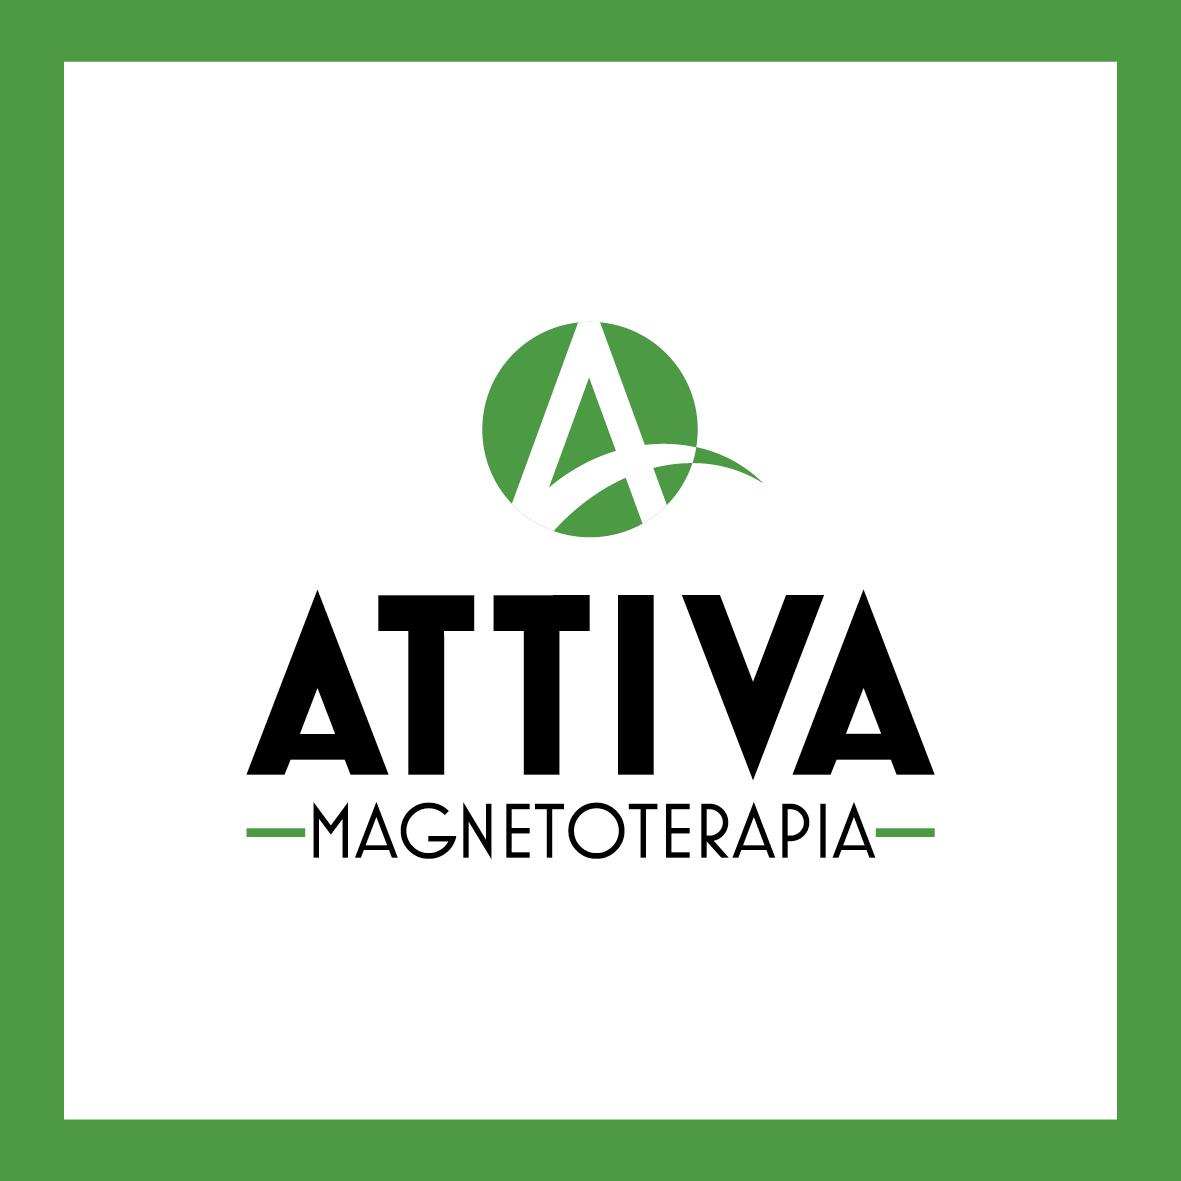 Attiva Magnetoterapia